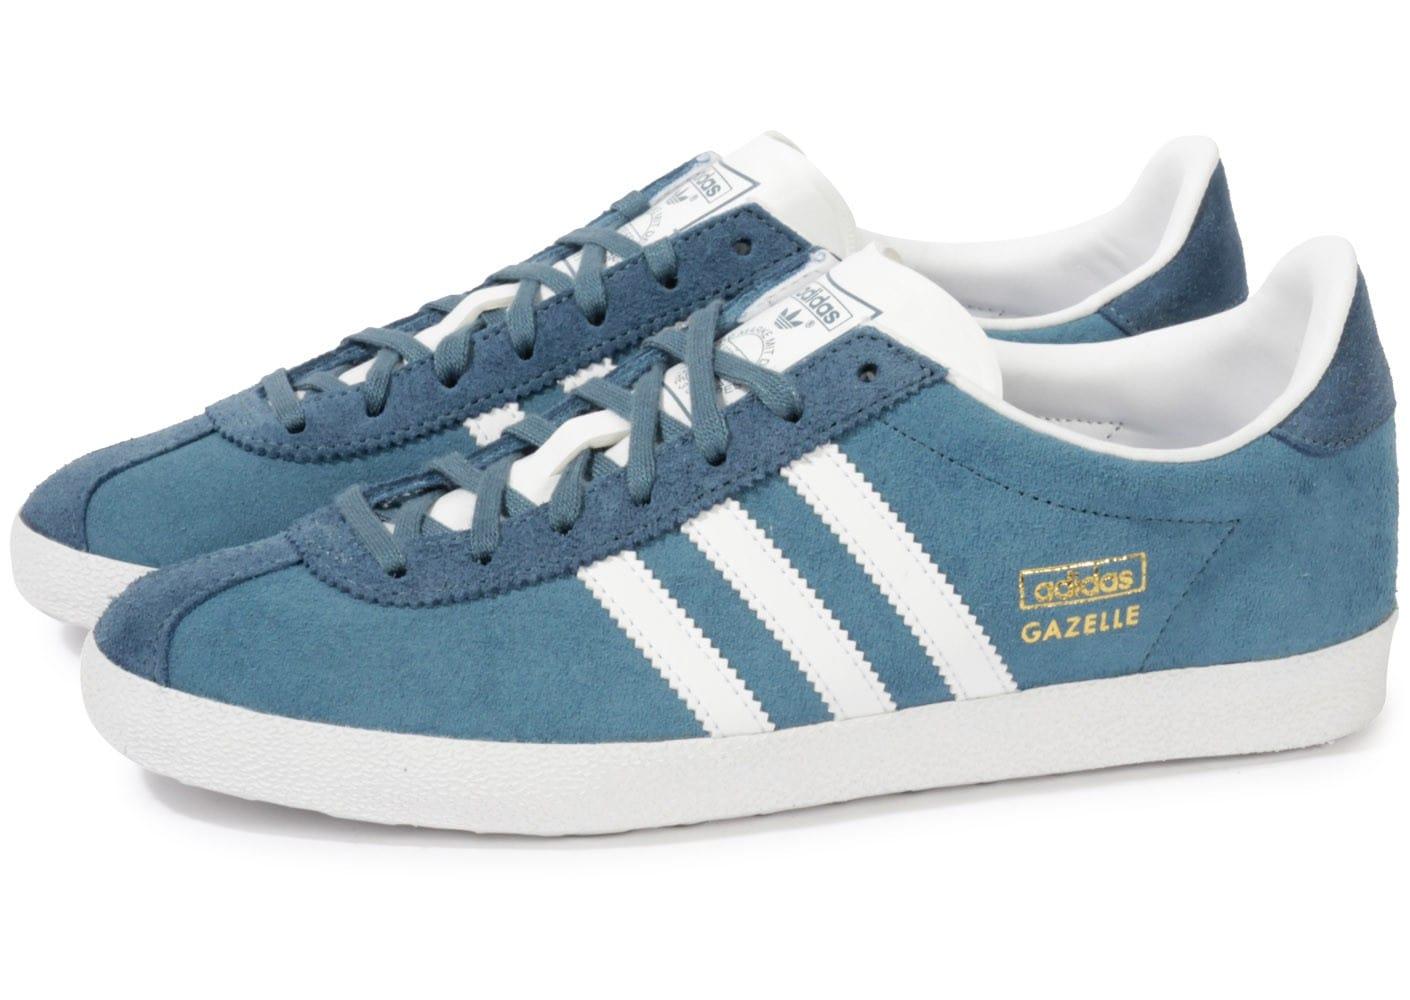 exquisite style nice cheap wholesale dealer adidas gazelle homme bleu pas cher